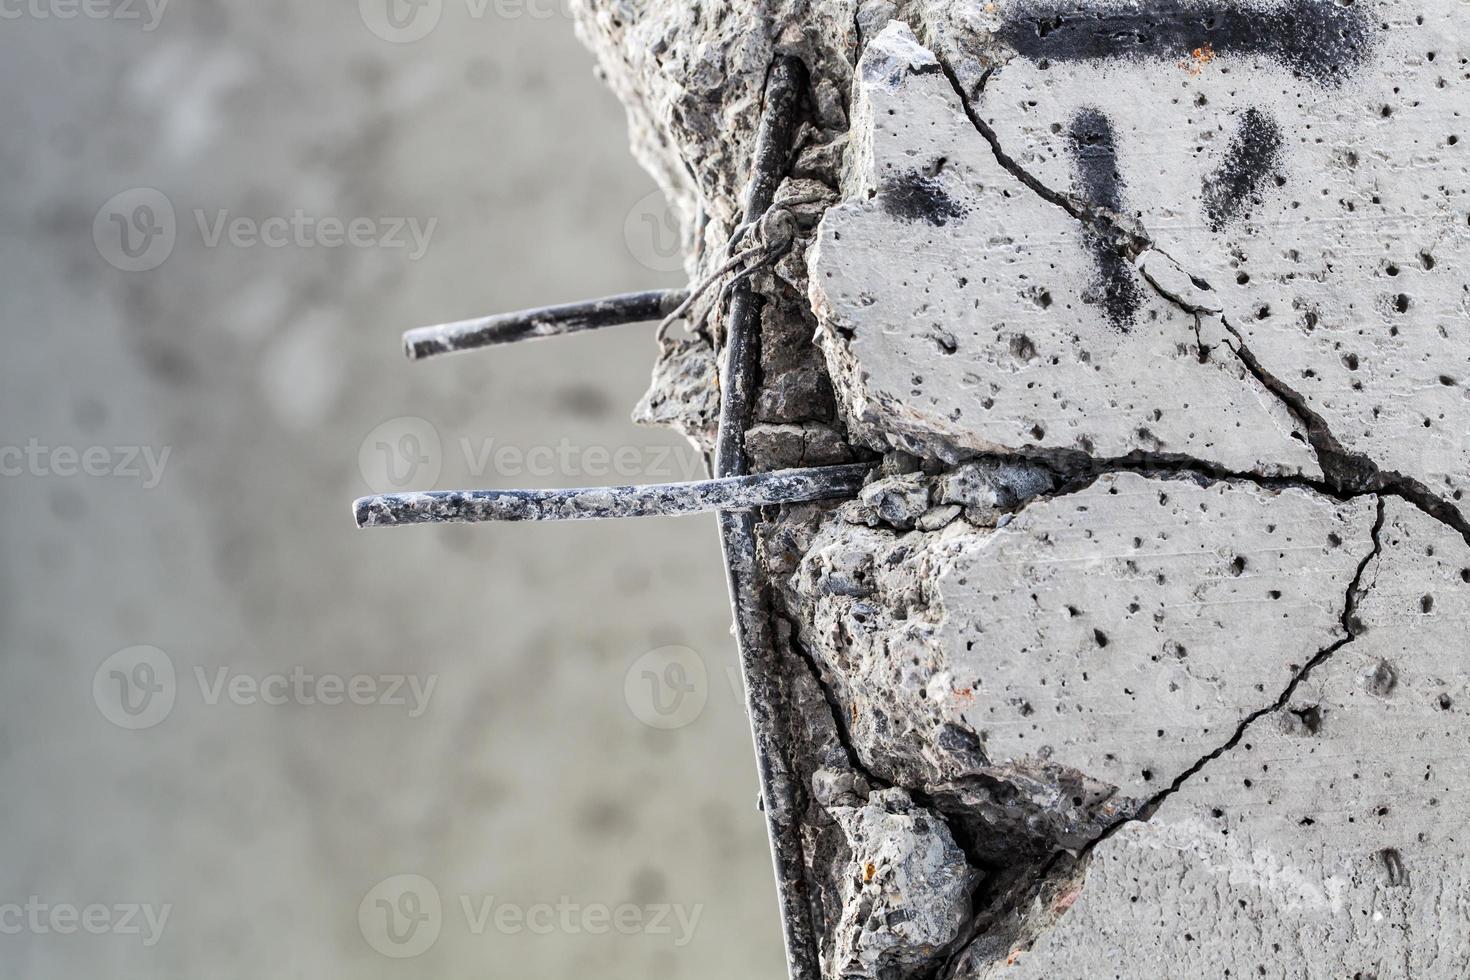 stålstänger som sticker ut från den spruckna betongen foto